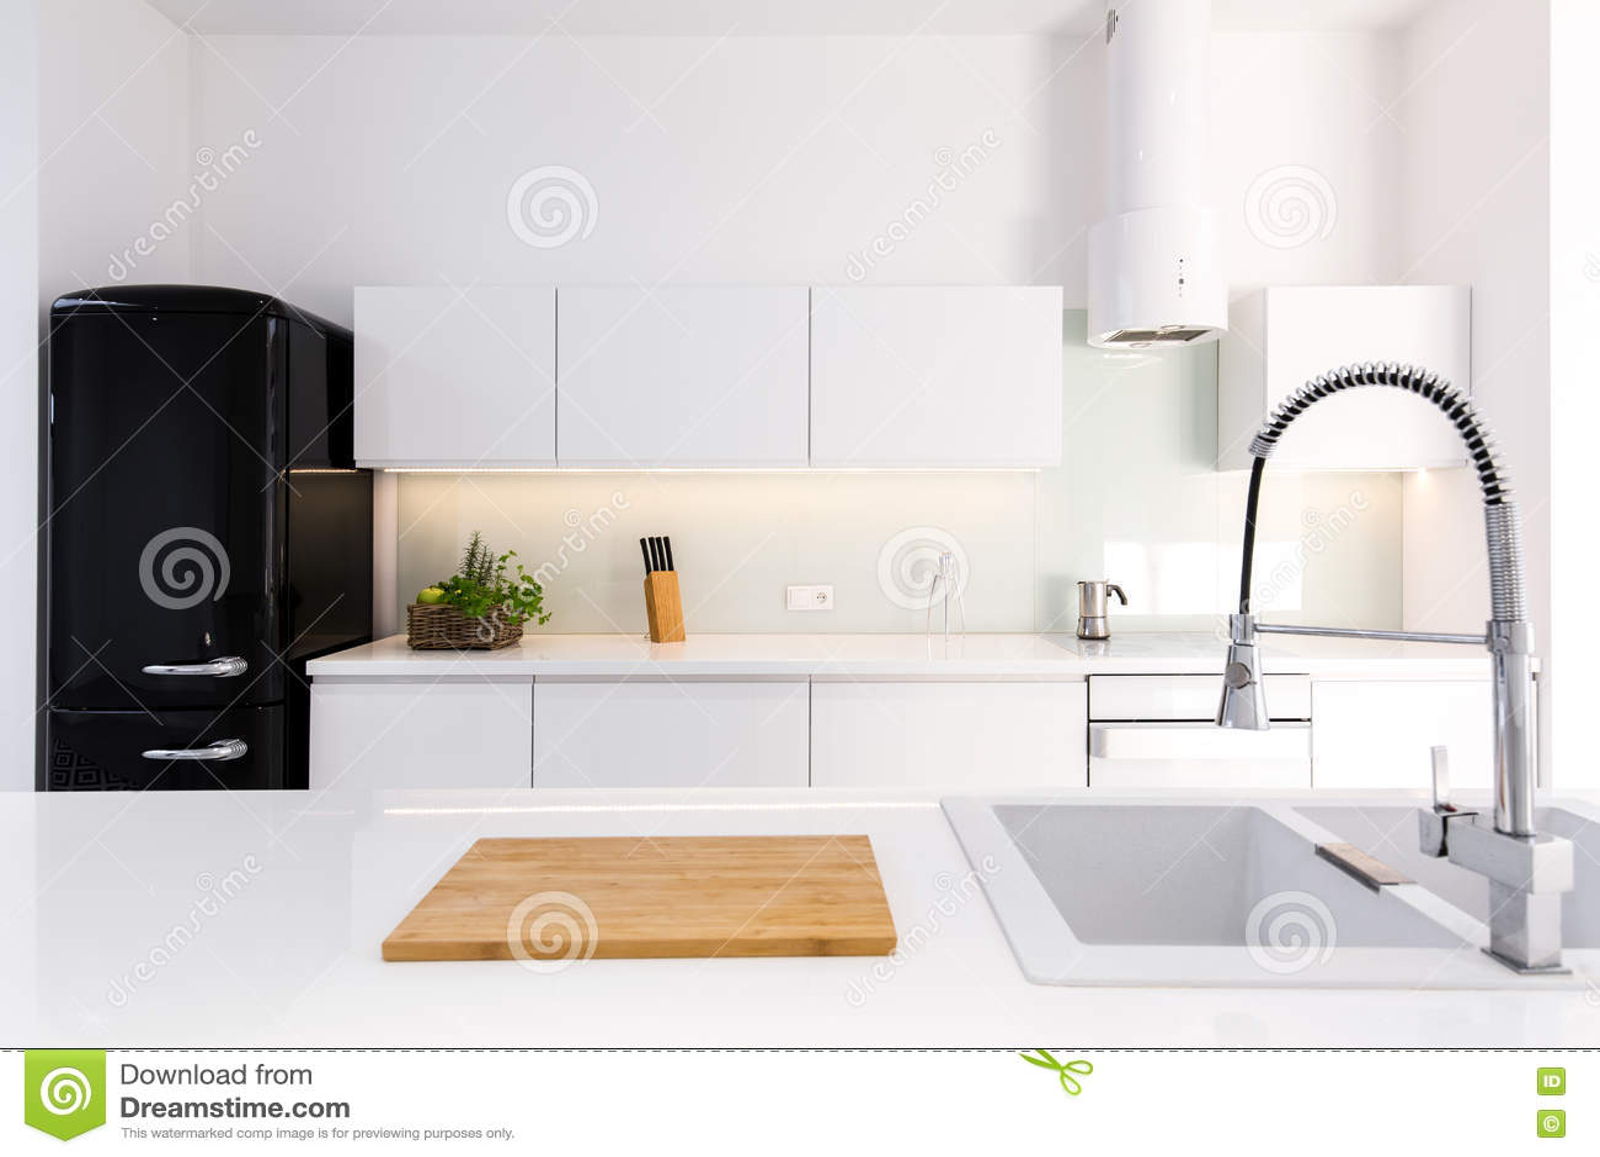 Retro Kühlschrank In Schwarz : Retro kühlschrank von smeg wohntrends